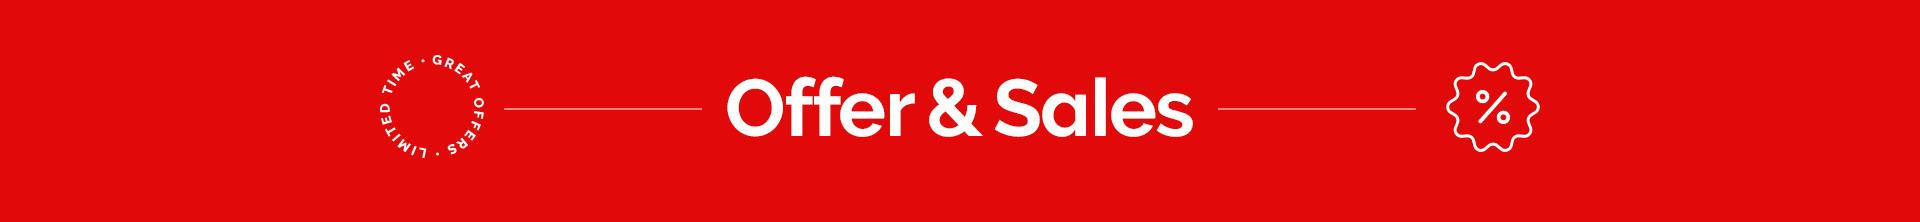 Offer Sales